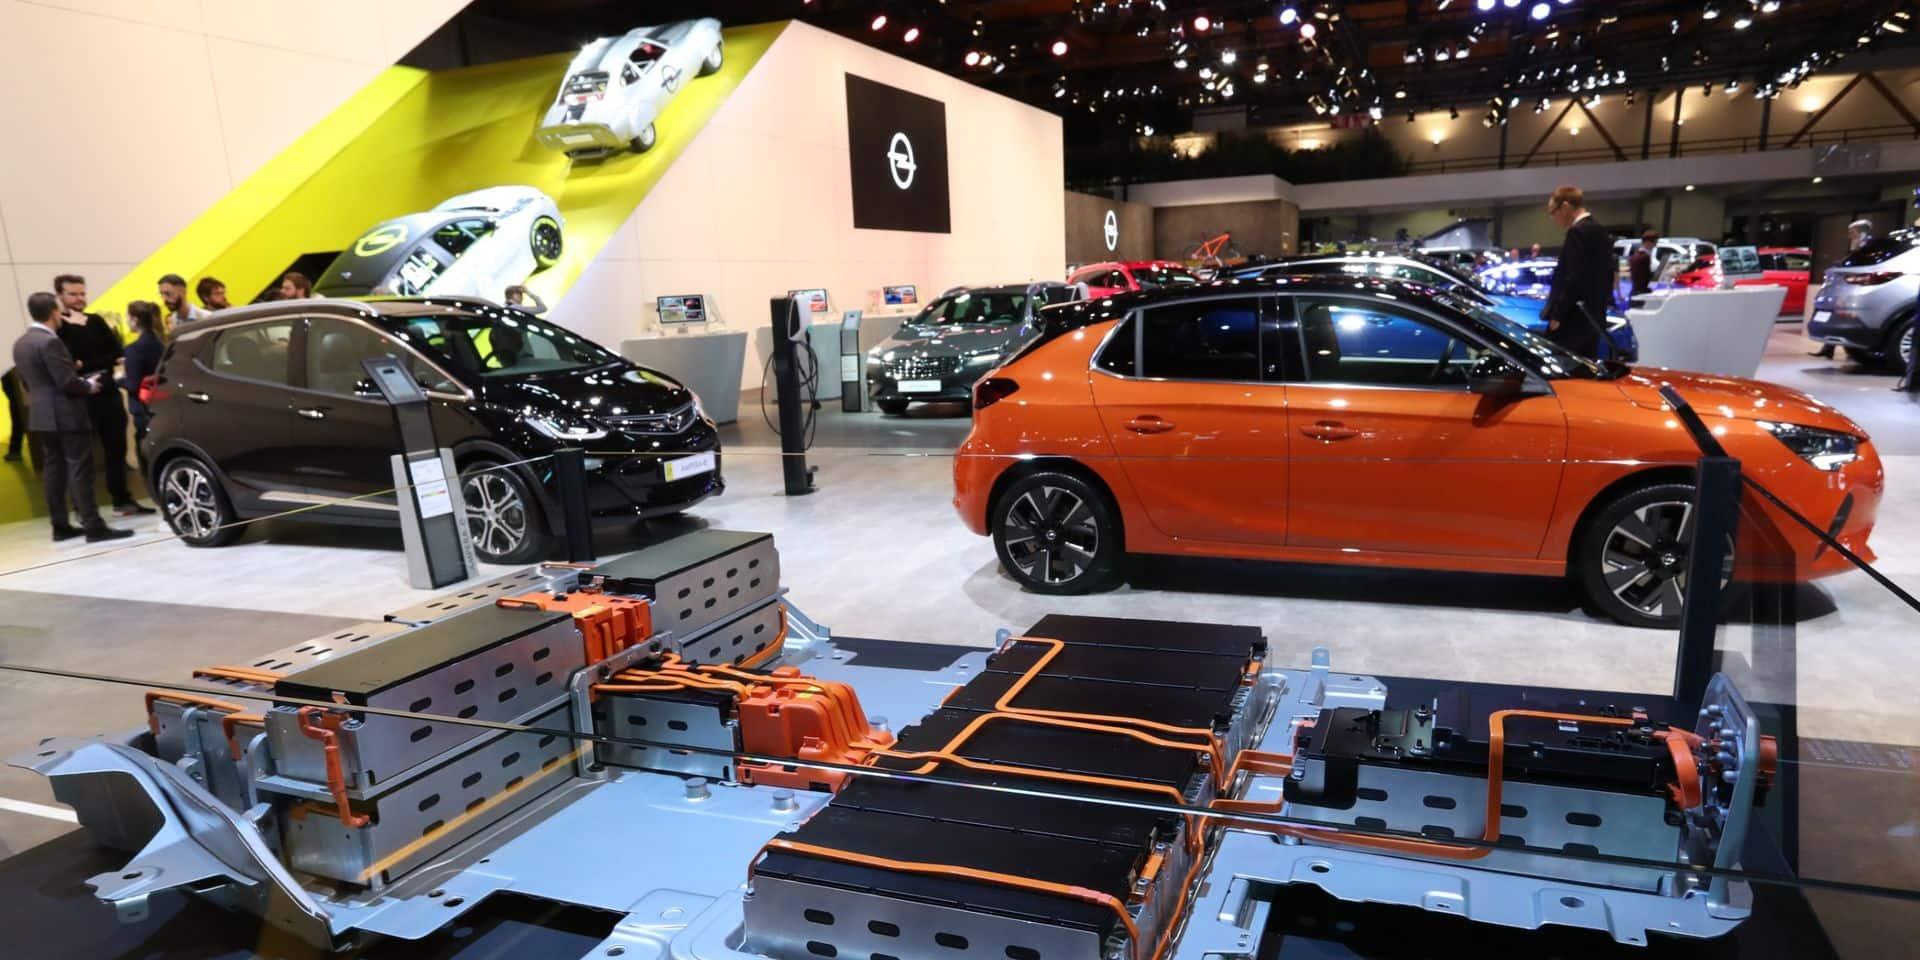 Salon de l'Auto: Opel réduit son réseau de concessionnaires et de points de vente en Belgique